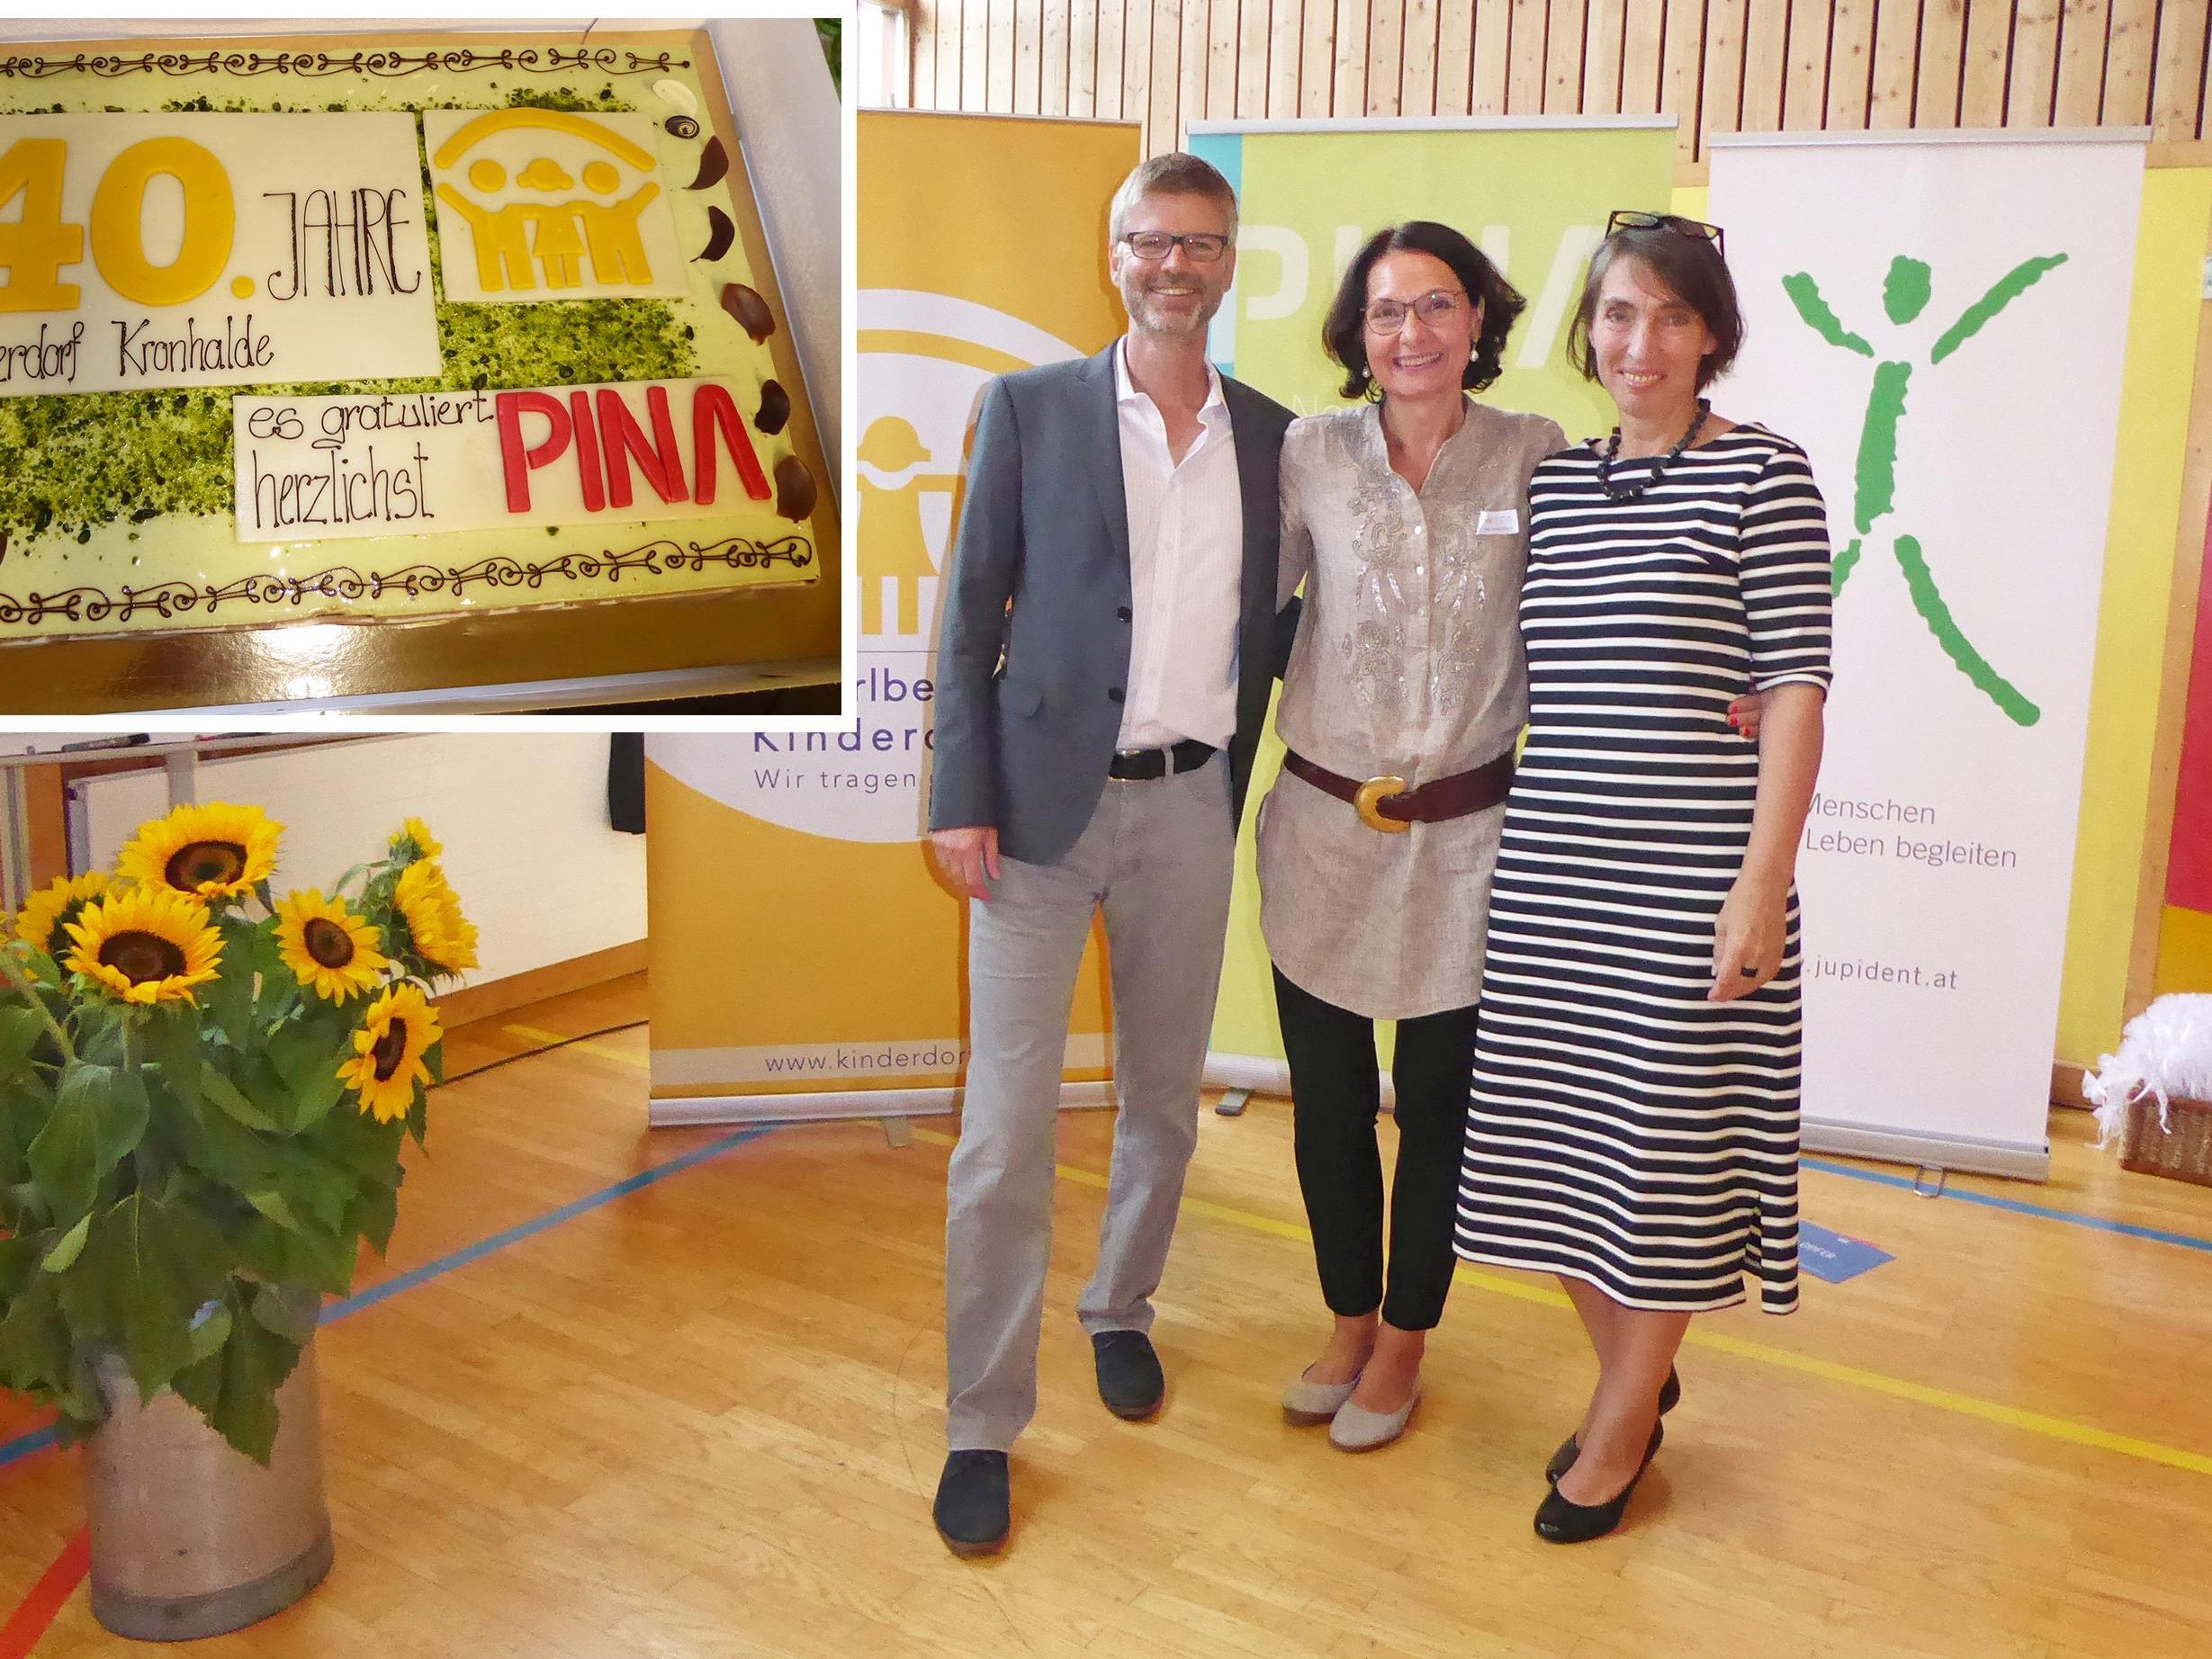 Referent Hans-Joachim Görges, Referentin Lydia Hantke, Verena Dörler Leiterin des Kinderdorfs Kronhalde (Mitte)